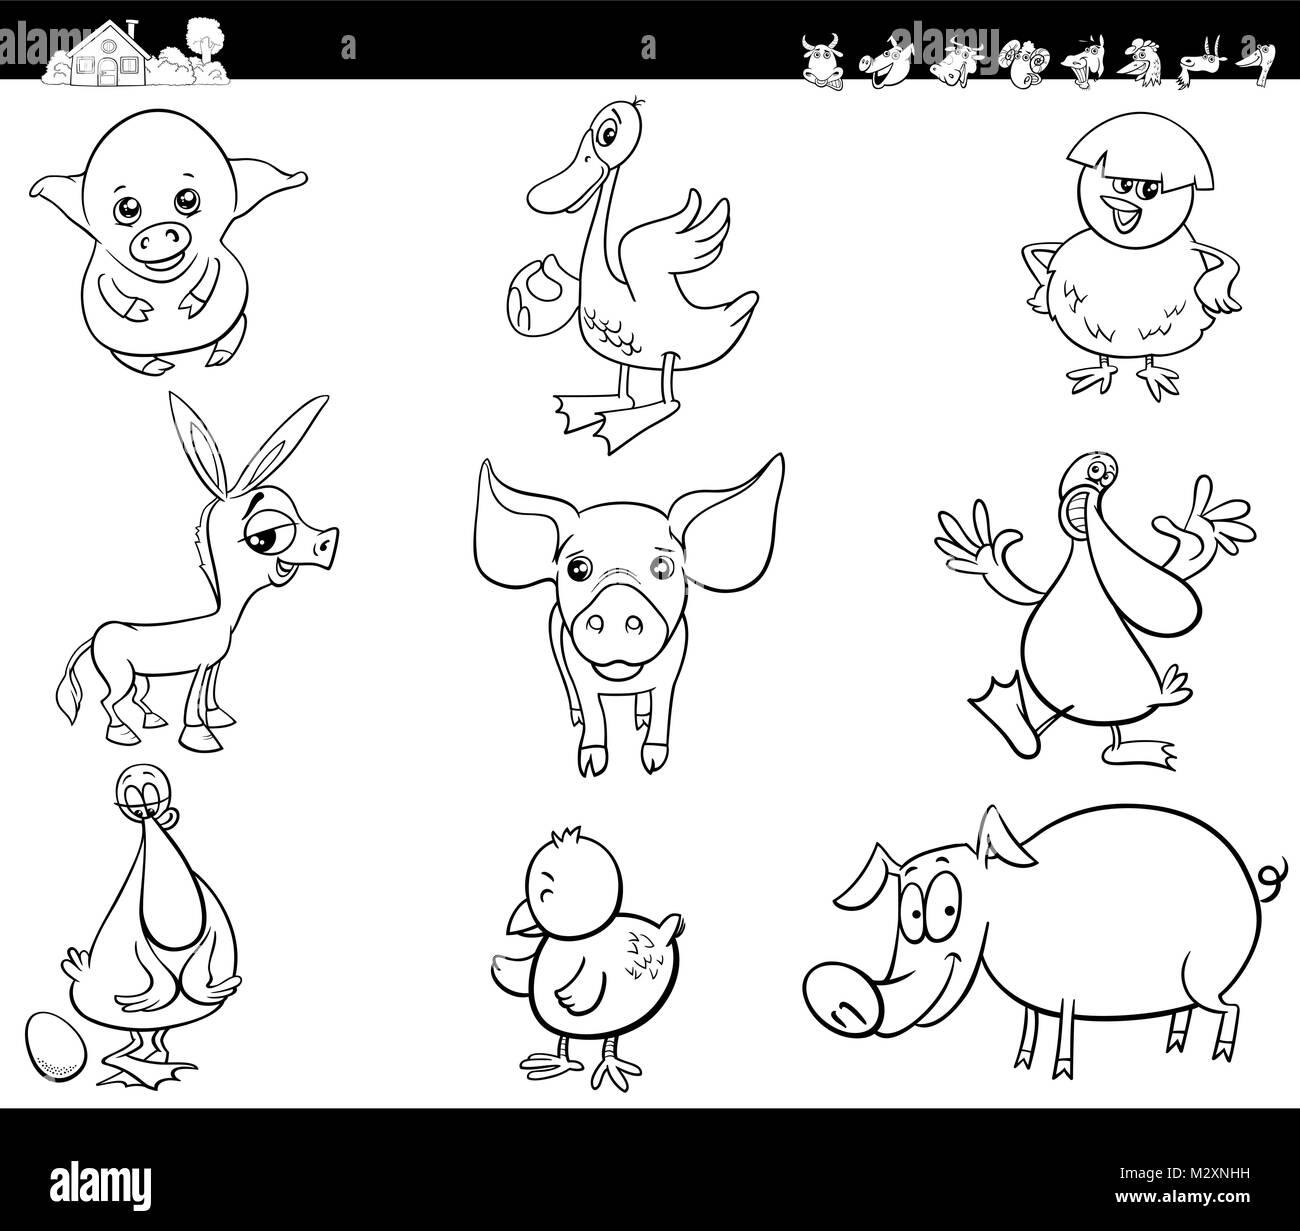 Bianco E Nero Cartoon Illustrazione Di Divertente Comico Animale